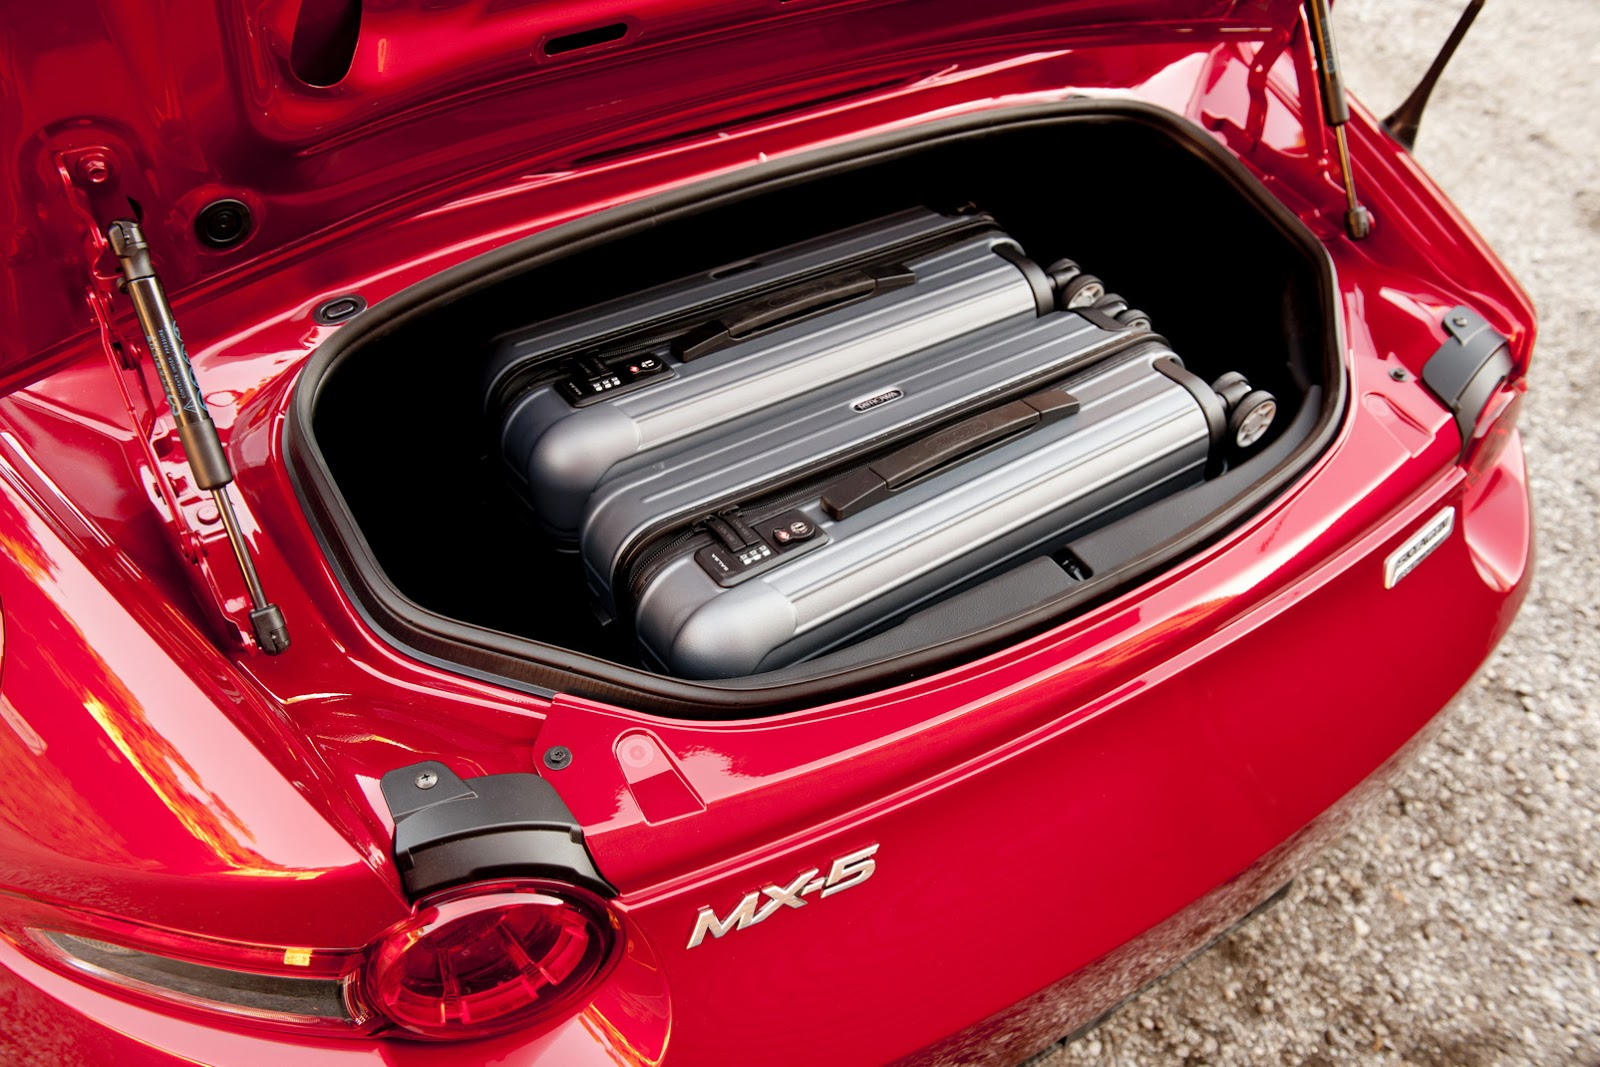 2016-Mazda-MX-5-84.jpg